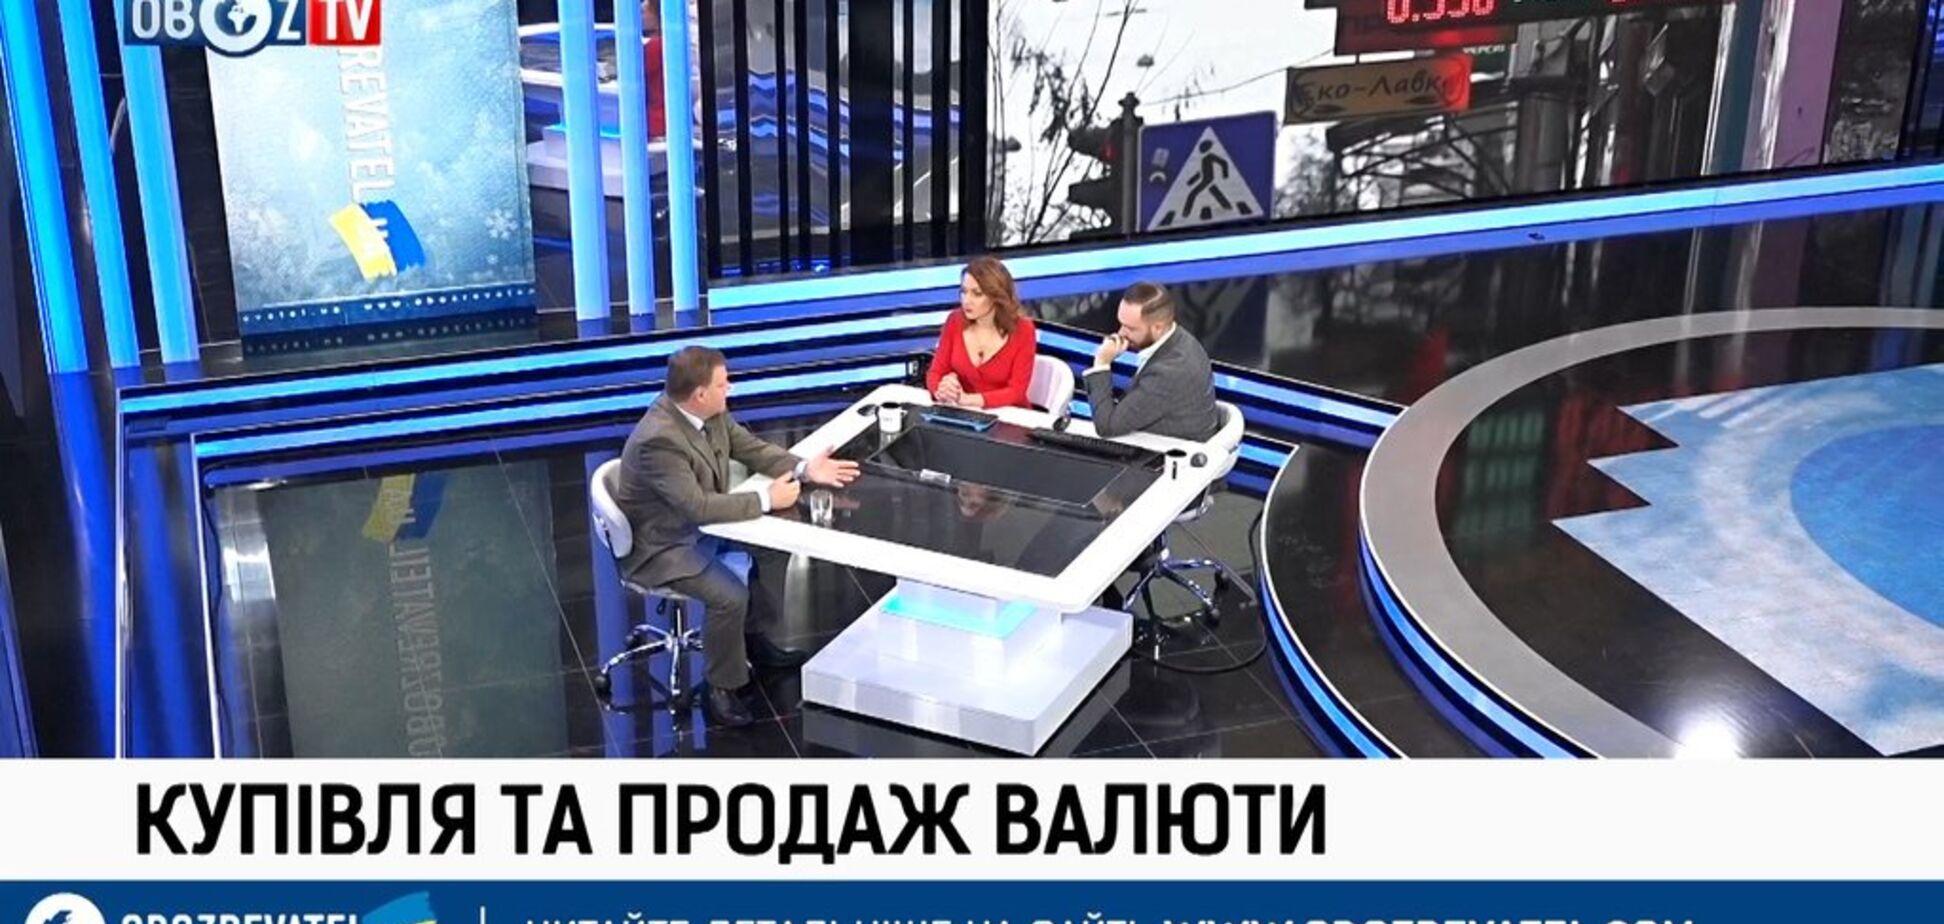 В любое время, в любом месте: в НБУ объяснили, почему покупка иностранной валюты в Украину стала еще доступнее